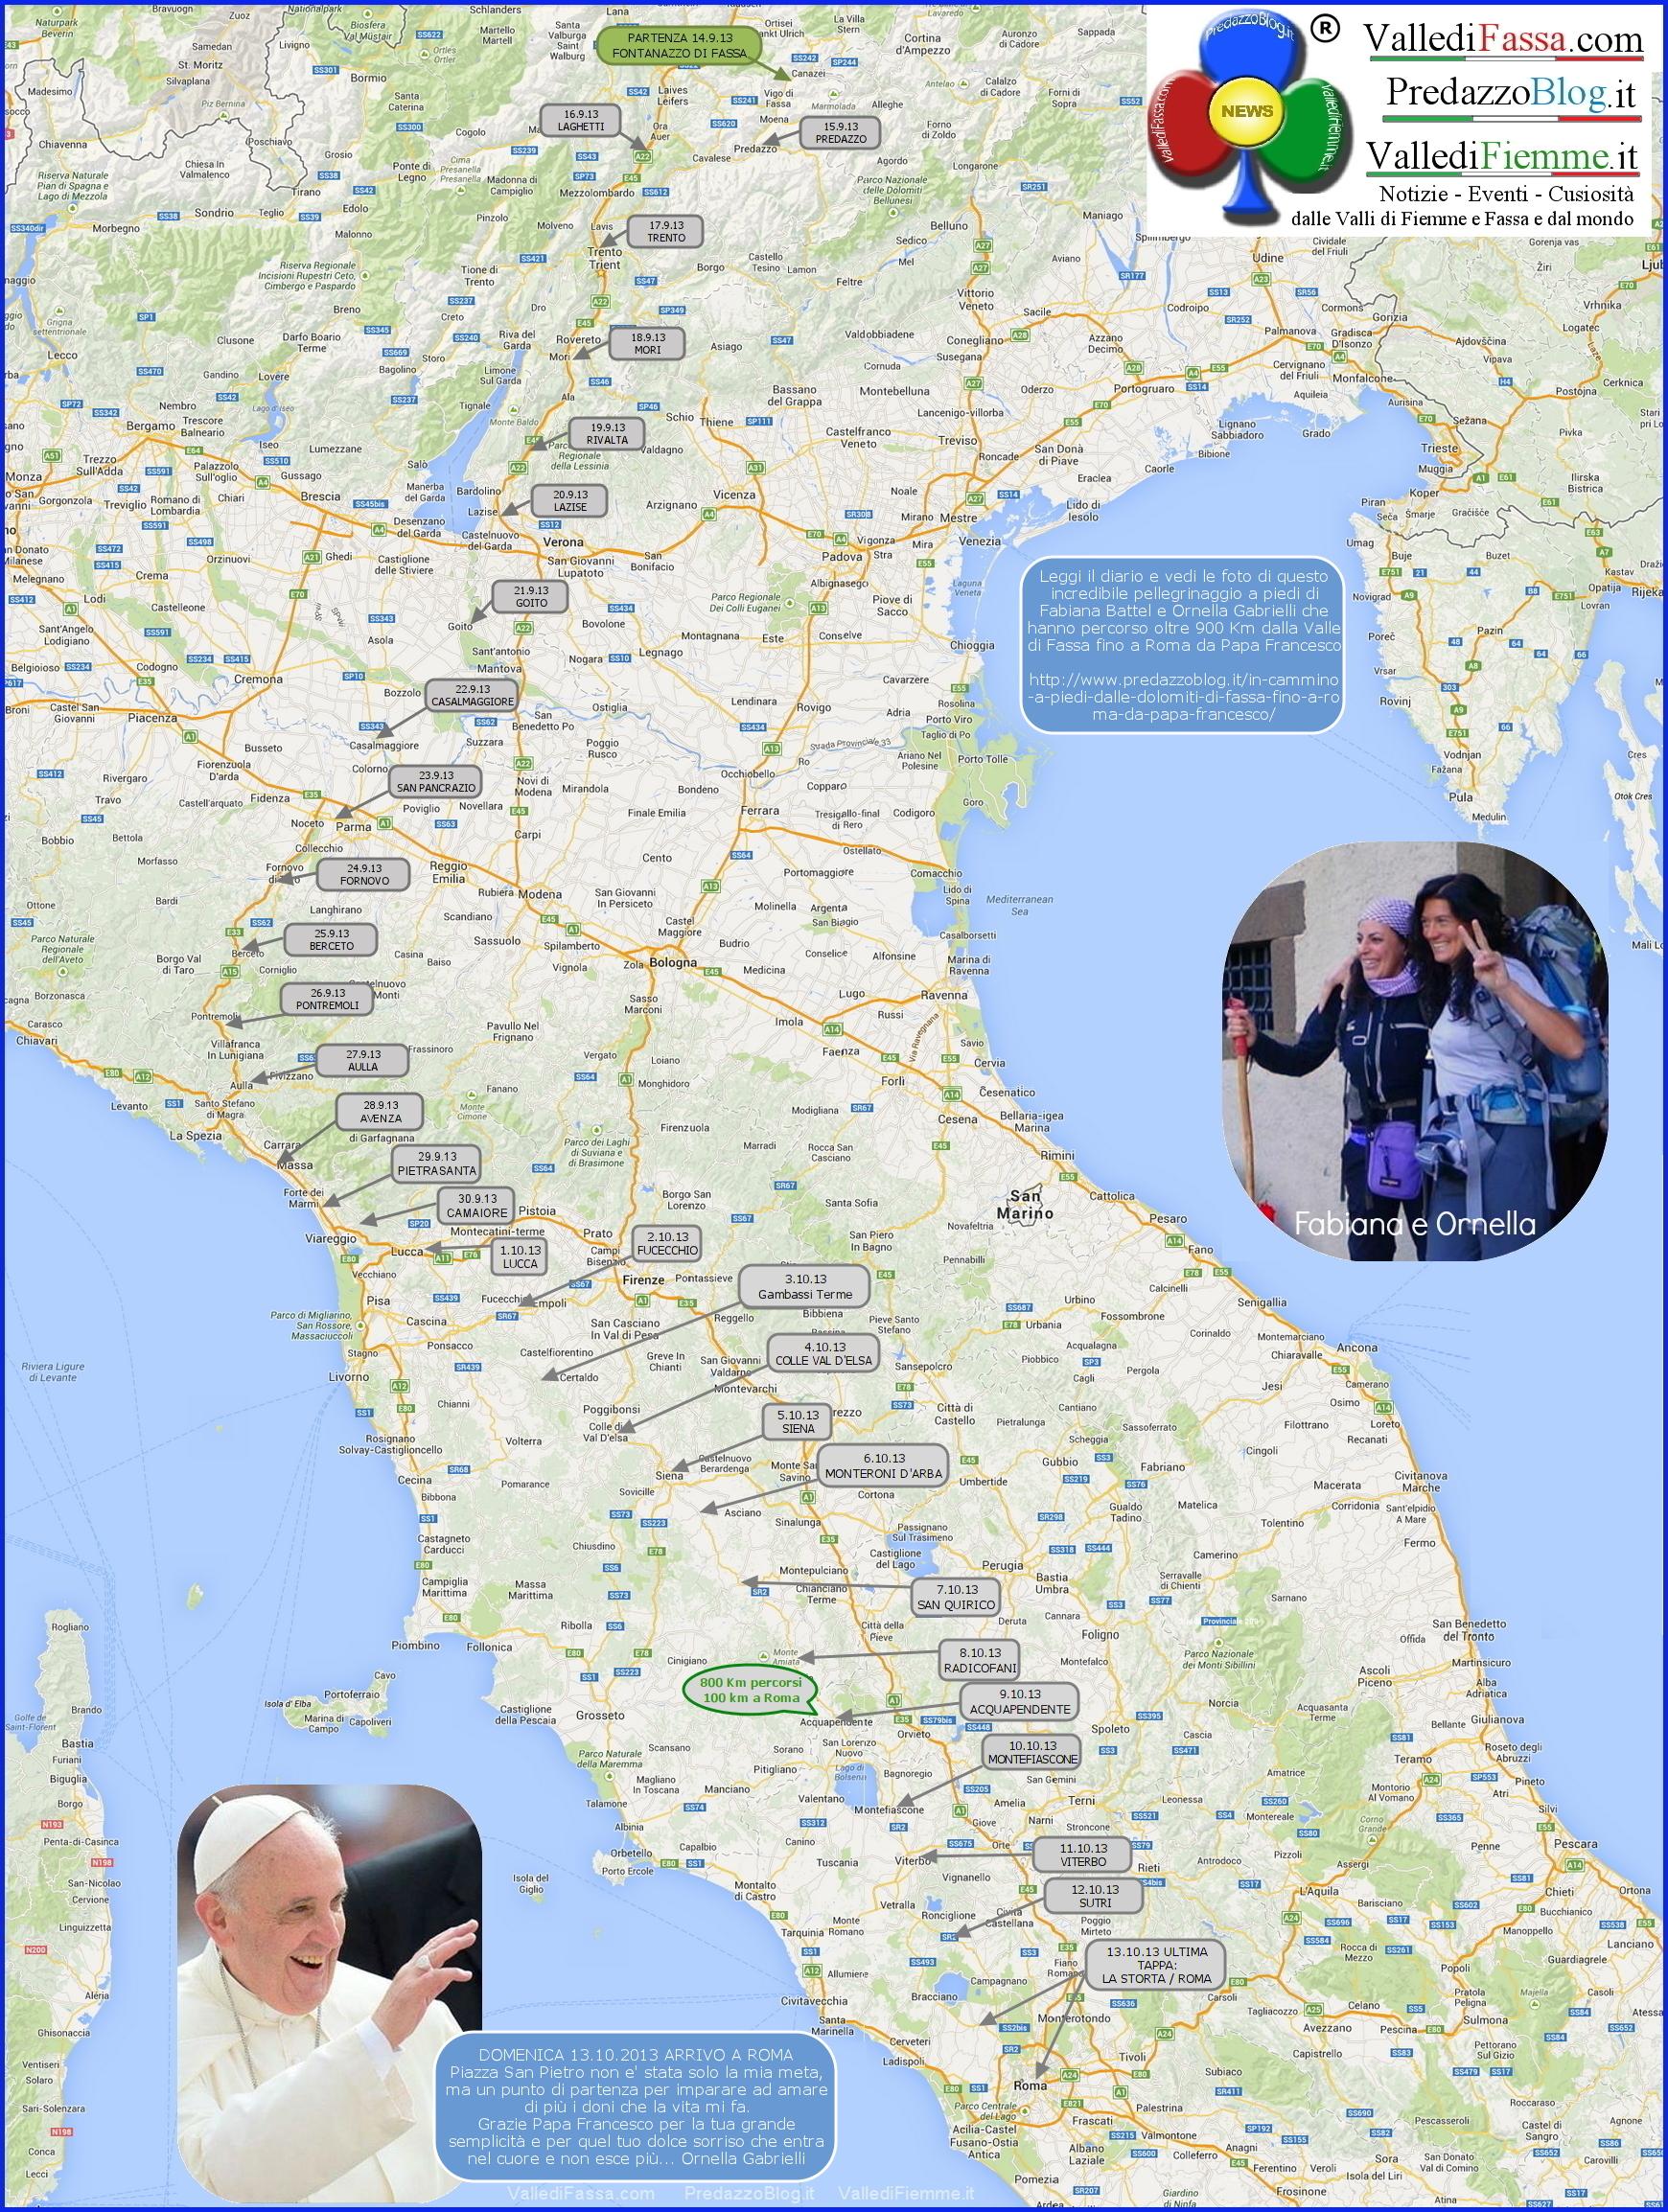 cartina italia con tappe intero cammino a piedi da fassa a roma predazzo blog  In cammino a piedi dalle Dolomiti di Fassa fino a Roma da Papa Francesco